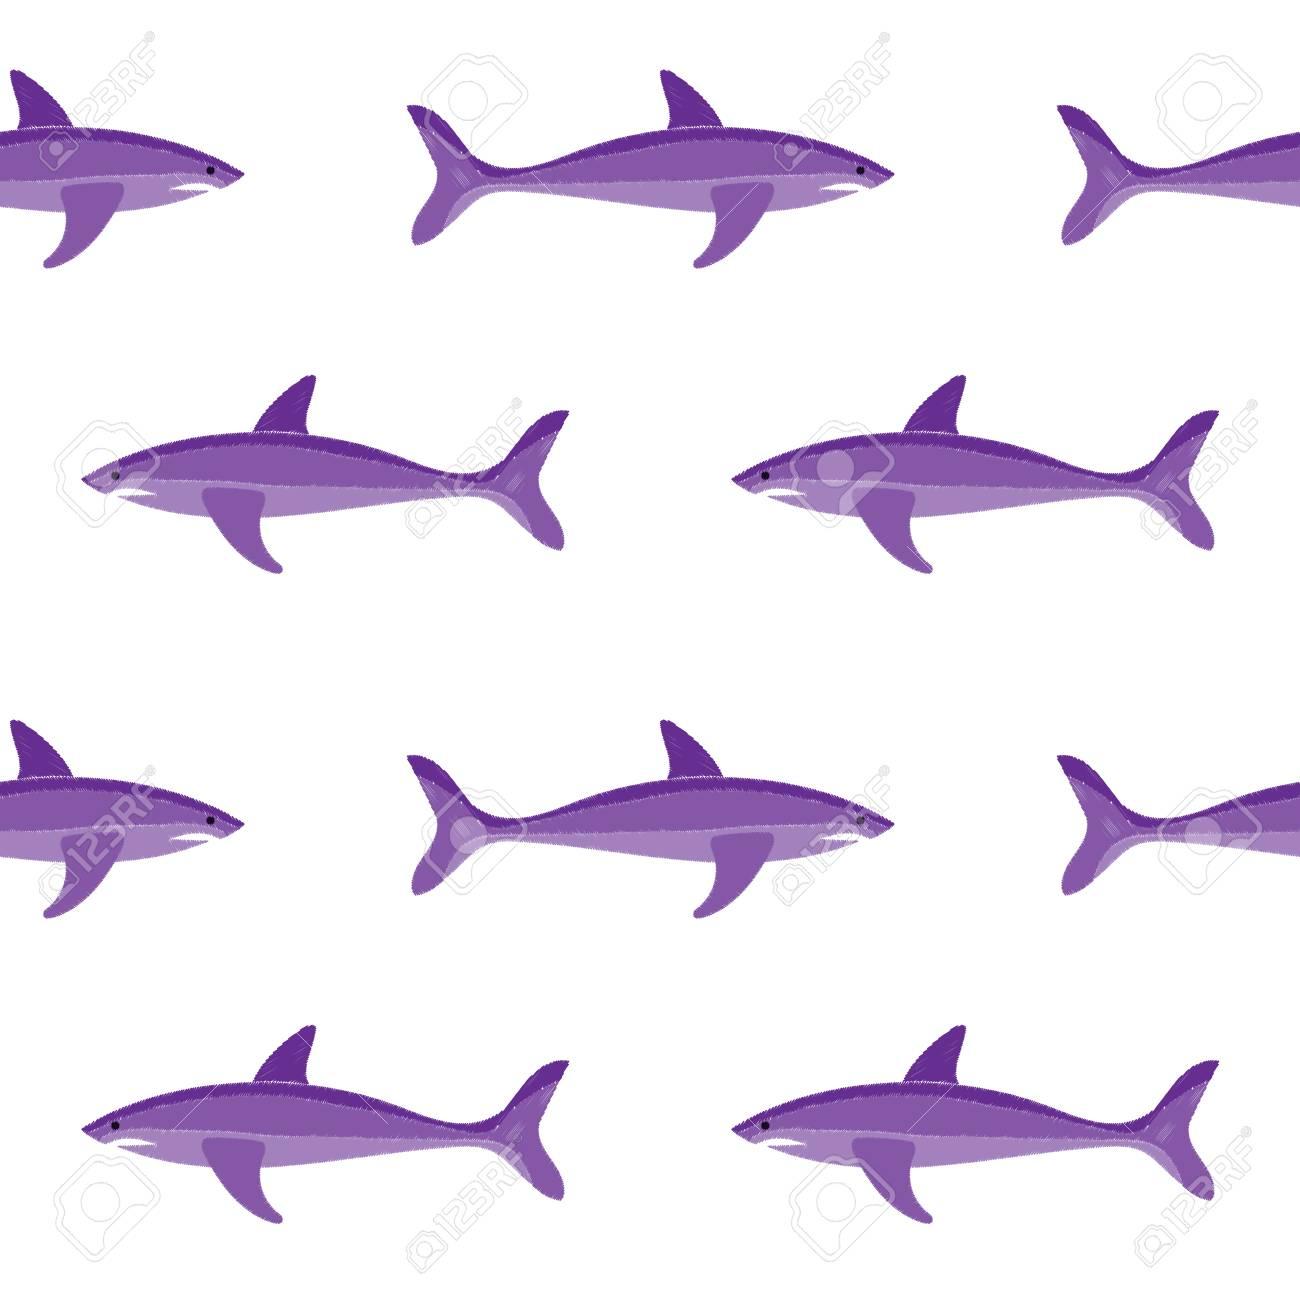 Tiburón Bordado De Patrones Sin Fisuras En El Fondo Blanco. Papel ...